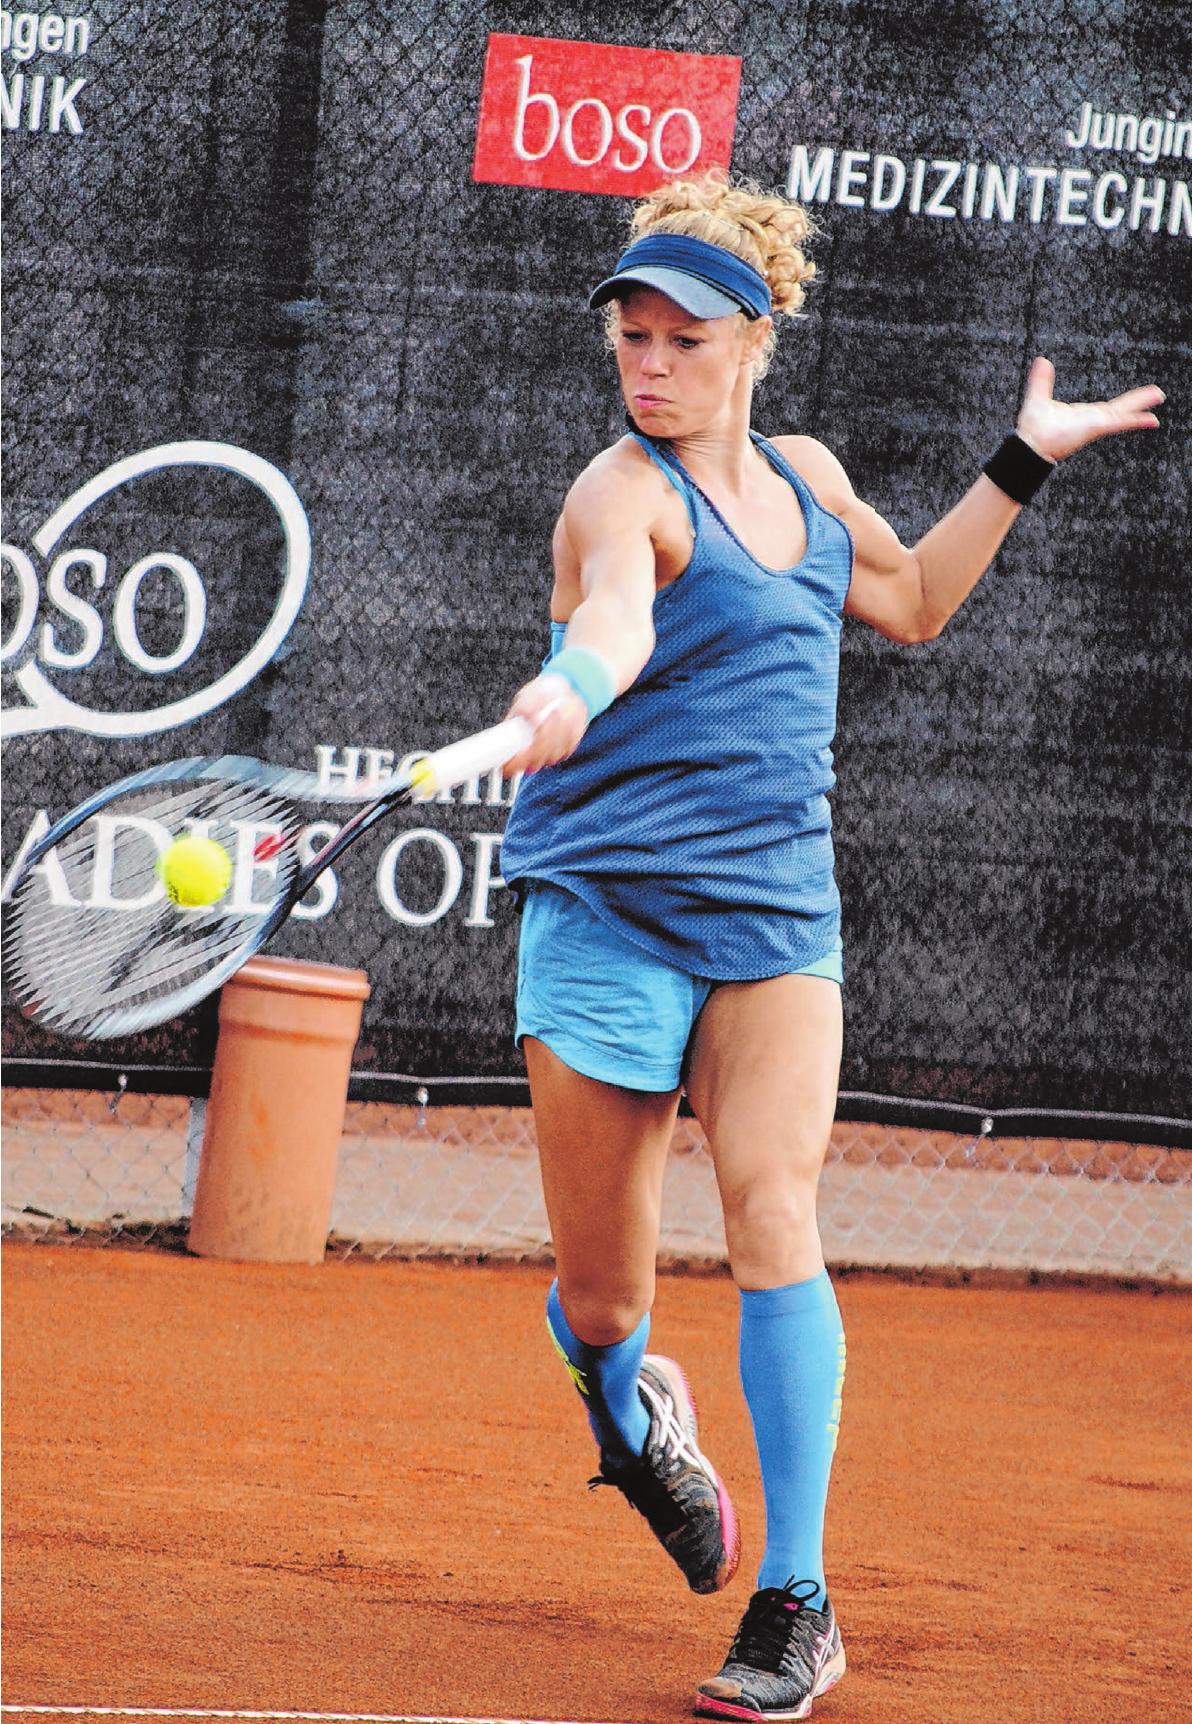 Die Vorjahreszweite, Laura Siegemund aus Metzingen, führt dieses Jahr die Setzliste der boso Ladies Open in Hechingen an. Foto: Hardy Kromer